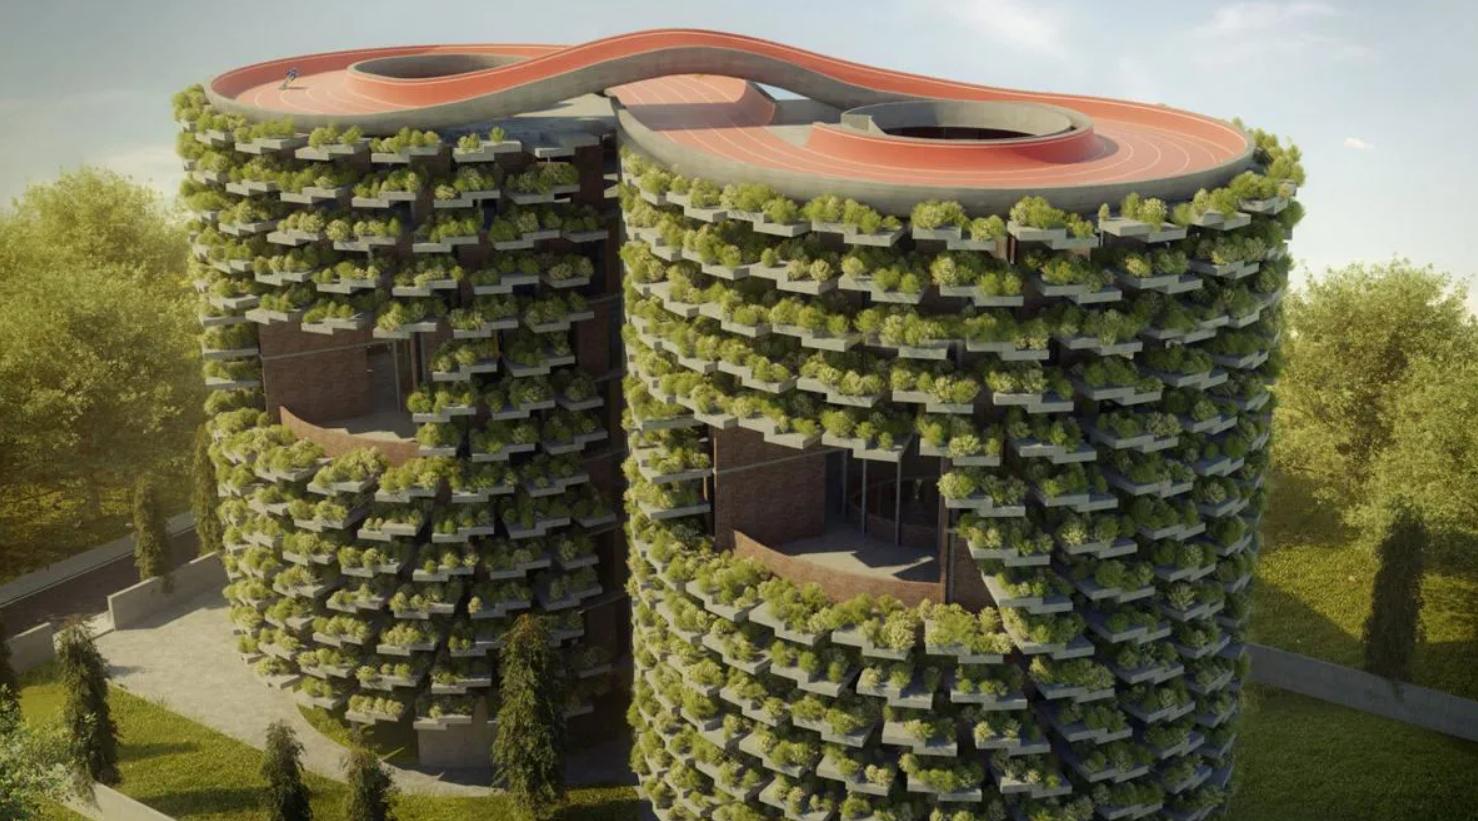 Futuristas Y Ecológicas Escuelas Verdes: En La India - FLORES ONLINE SHOP MAGAZINE